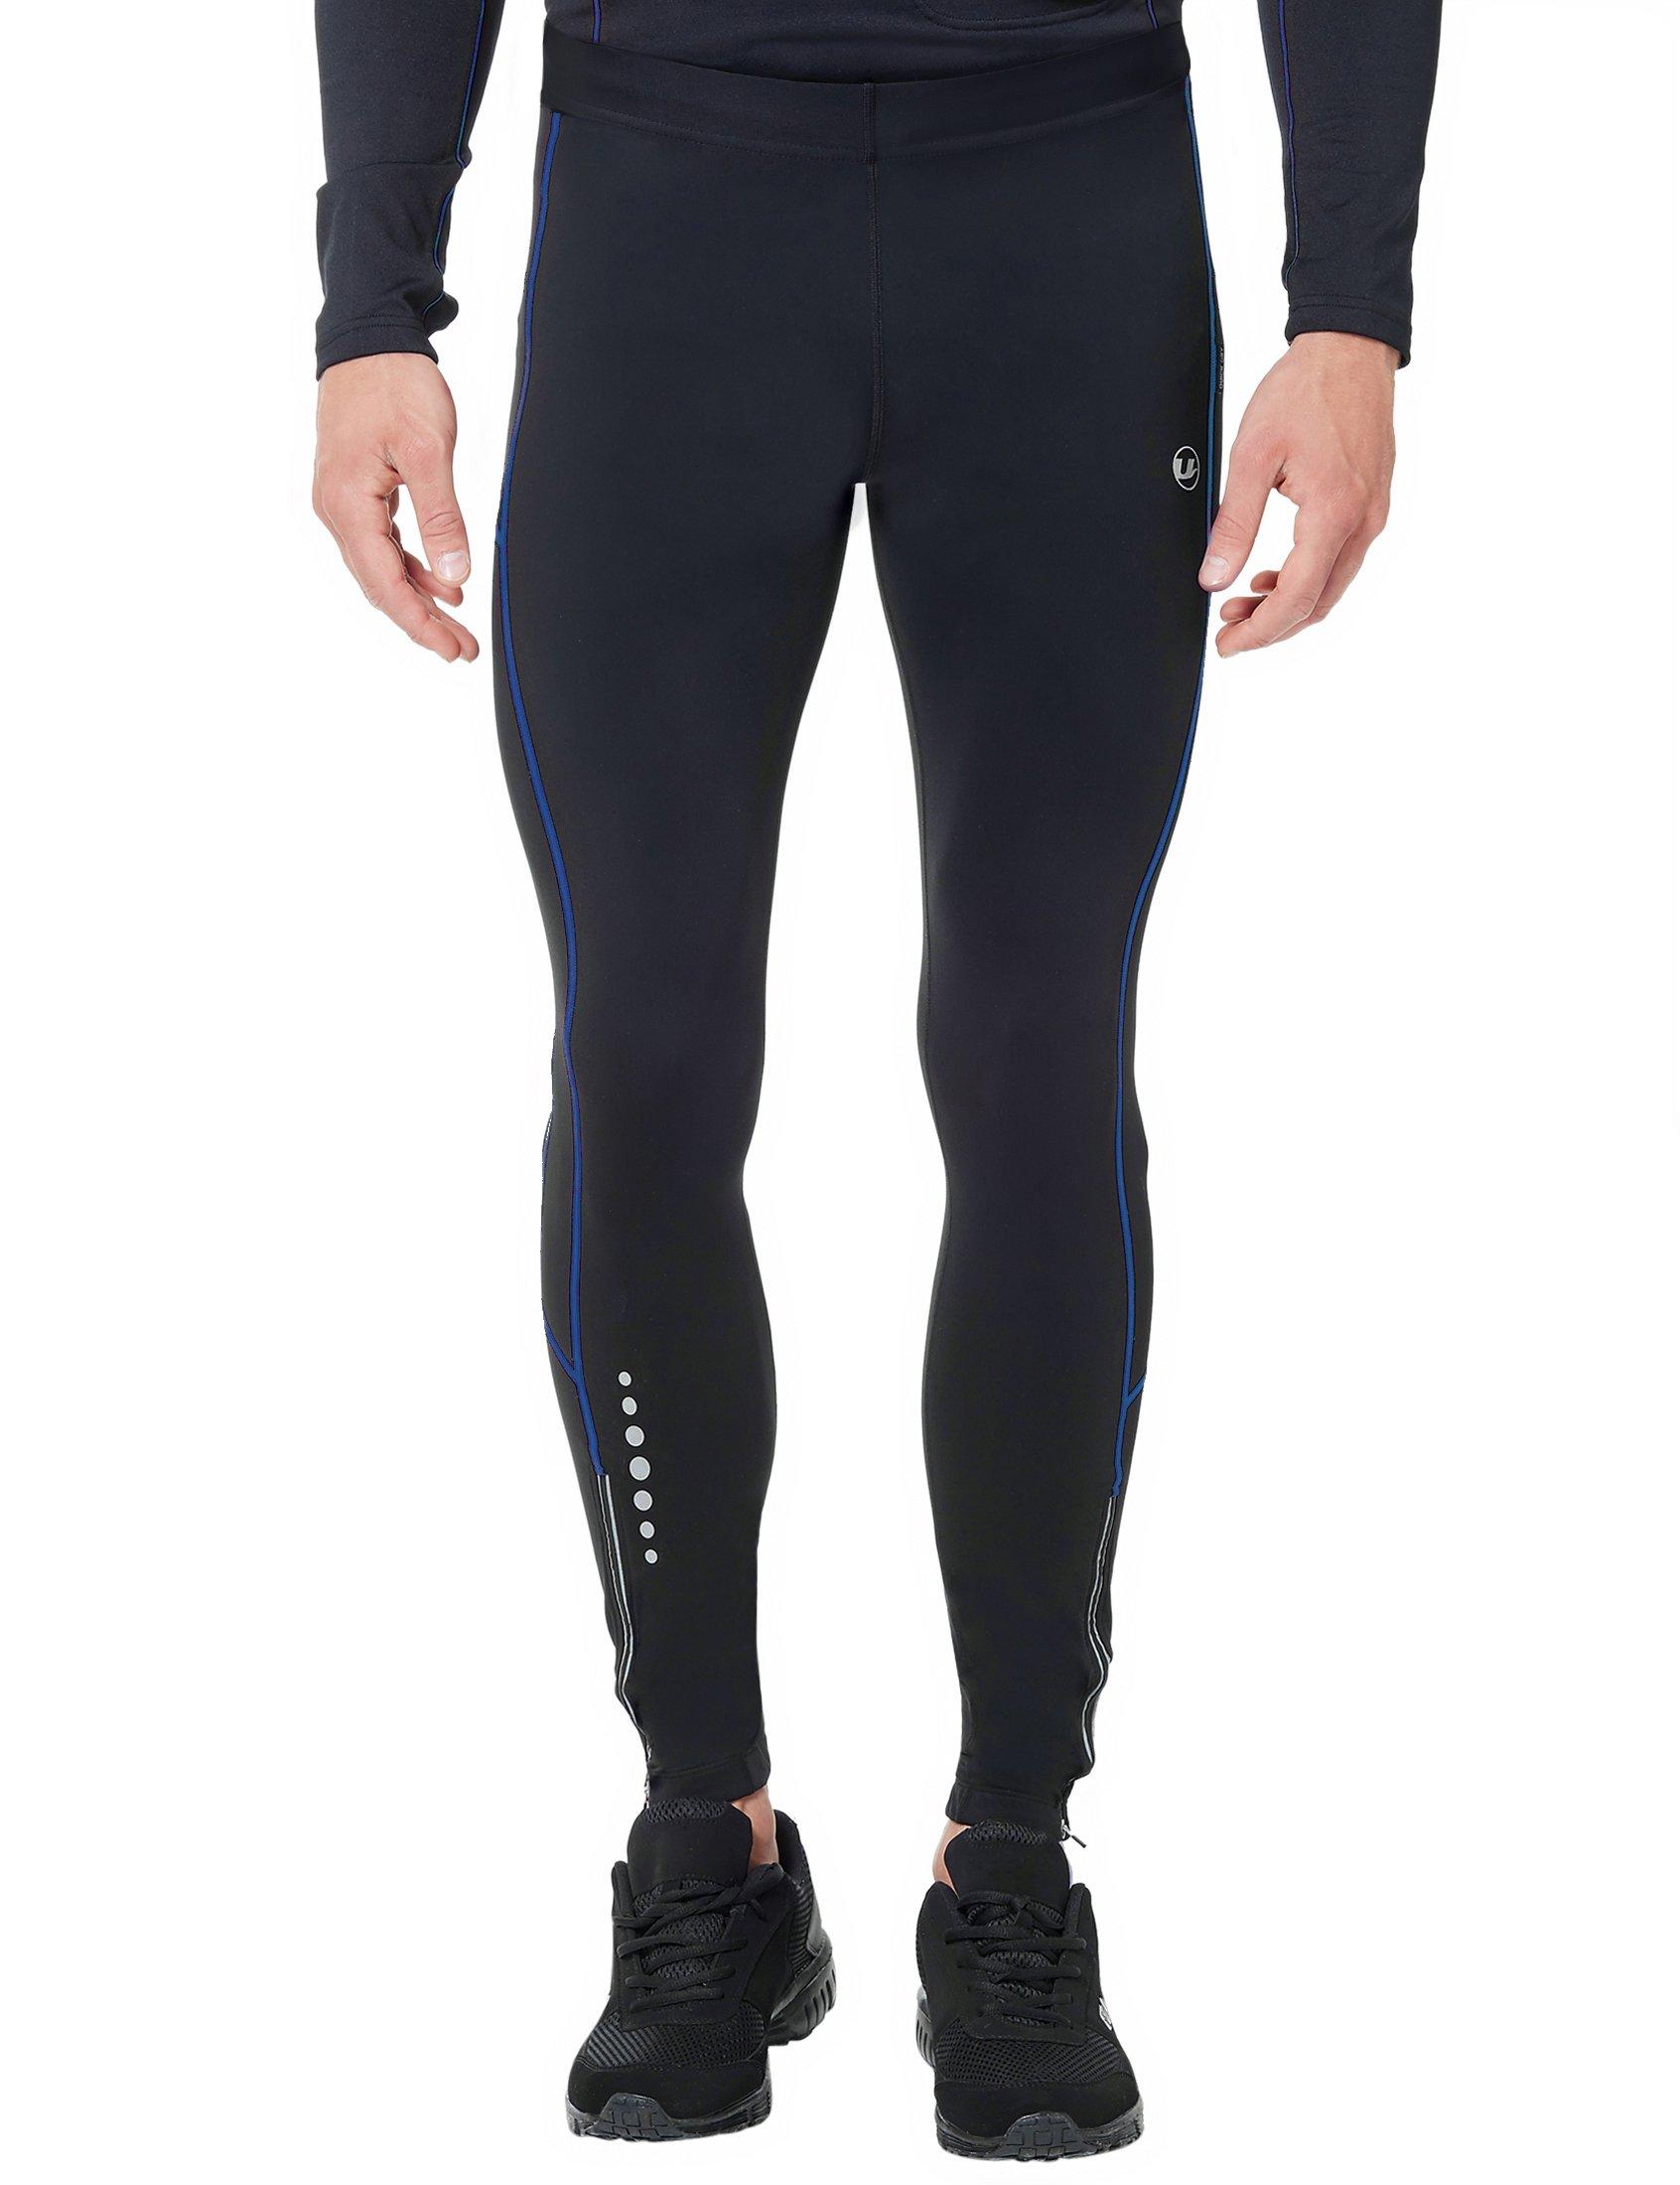 d4e7a8c76 Ultrasport Pantalones largos de correr para hombre, con efecto de compresión  y función de secado